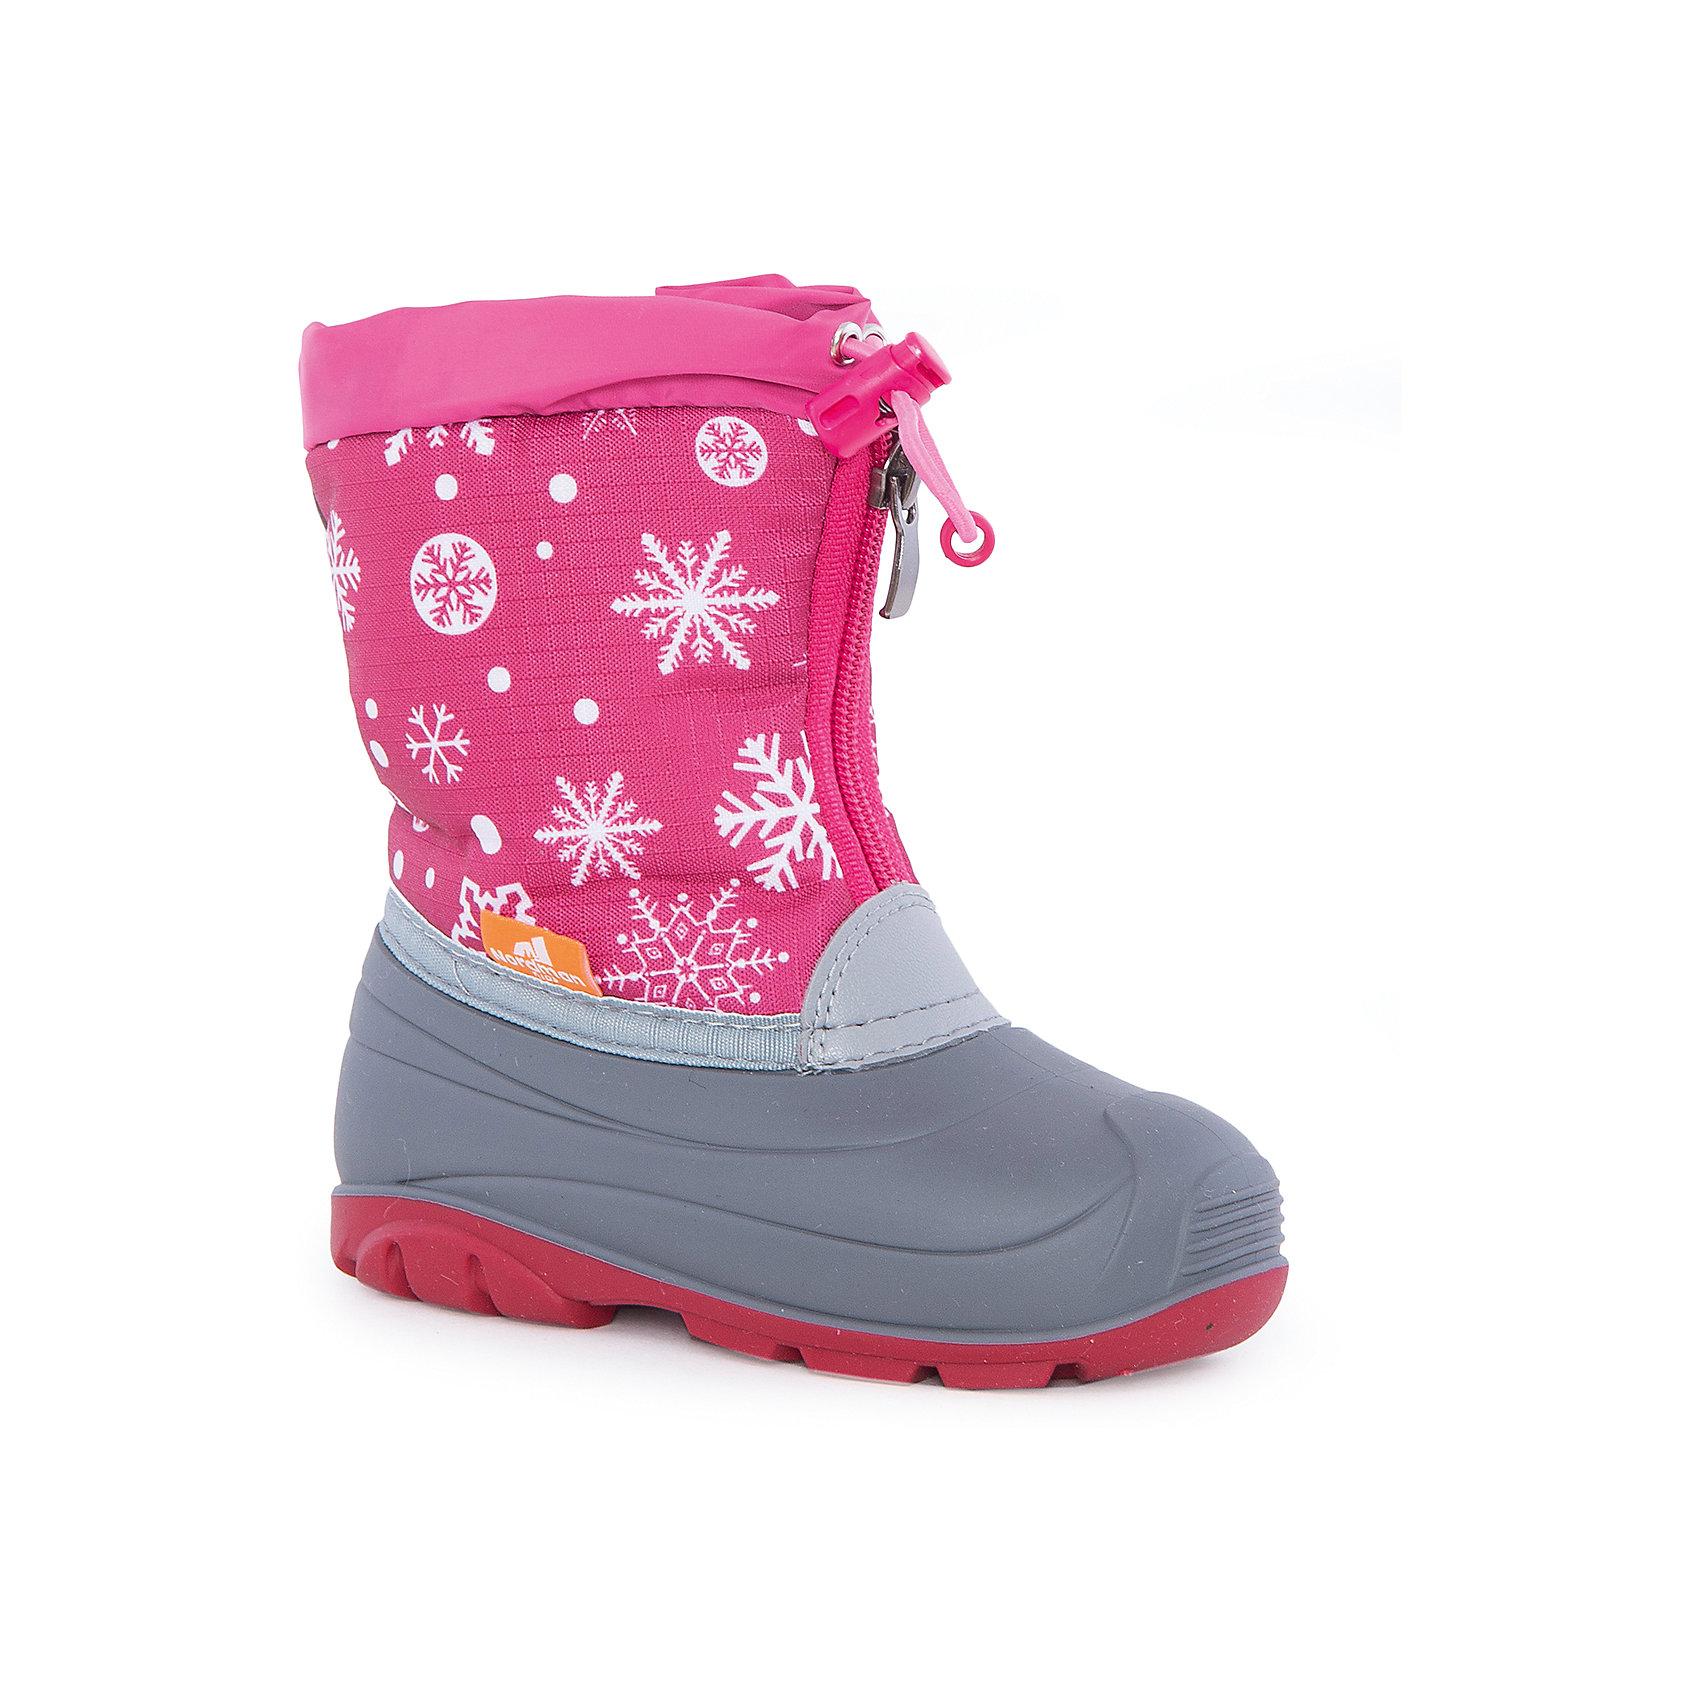 Сапоги для девочки NordmanХарактеристики товара:<br><br>• цвет: розовый<br>• материал верха: текстиль (Rip Stop)<br>• материал подкладки: мех,<br>• материал подошвы: ТЭП<br>• подошва не скользит<br>• водоотталкивающая пропитка верха<br>• температурный режим: от -15° до +10° С<br>• молния<br>• толстая устойчивая подошва<br>• низ не промокает<br>• страна бренда: Российская Федерация<br>• страна изготовитель: Российская Федерация<br><br>При выборе демисезонной и зимней обуви для ребенка необходимо убедиться, что она удобная и теплая. Такие сапожки обеспечат детям комфорт даже в мороз, а непромокающая нижняя часть  оставит ножки в сухости. Сапожки легко снимаются и надеваются, хорошо сидят на ноге. Внутри - специальная теплая подкладка, с которой холода не страшны! Сапоги очень легкие - идеально для детской ножки.<br>Обувь от бренда Nordman - это качественные российские товары, произведенные с применением как натуральных, так и высокотехнологичных материалов. Обувь выделяется стильным дизайном и проработанными деталями. Полностью адаптирована под российскую погоду! Изделие производится из качественных и проверенных материалов, которые безопасны для детей.<br><br>Сапоги для девочки от бренда Nordman можно купить в нашем интернет-магазине.<br><br>Ширина мм: 257<br>Глубина мм: 180<br>Высота мм: 130<br>Вес г: 420<br>Цвет: розовый<br>Возраст от месяцев: 84<br>Возраст до месяцев: 96<br>Пол: Женский<br>Возраст: Детский<br>Размер: 31,27,28,29,30,22,23,24,25,26<br>SKU: 5219894